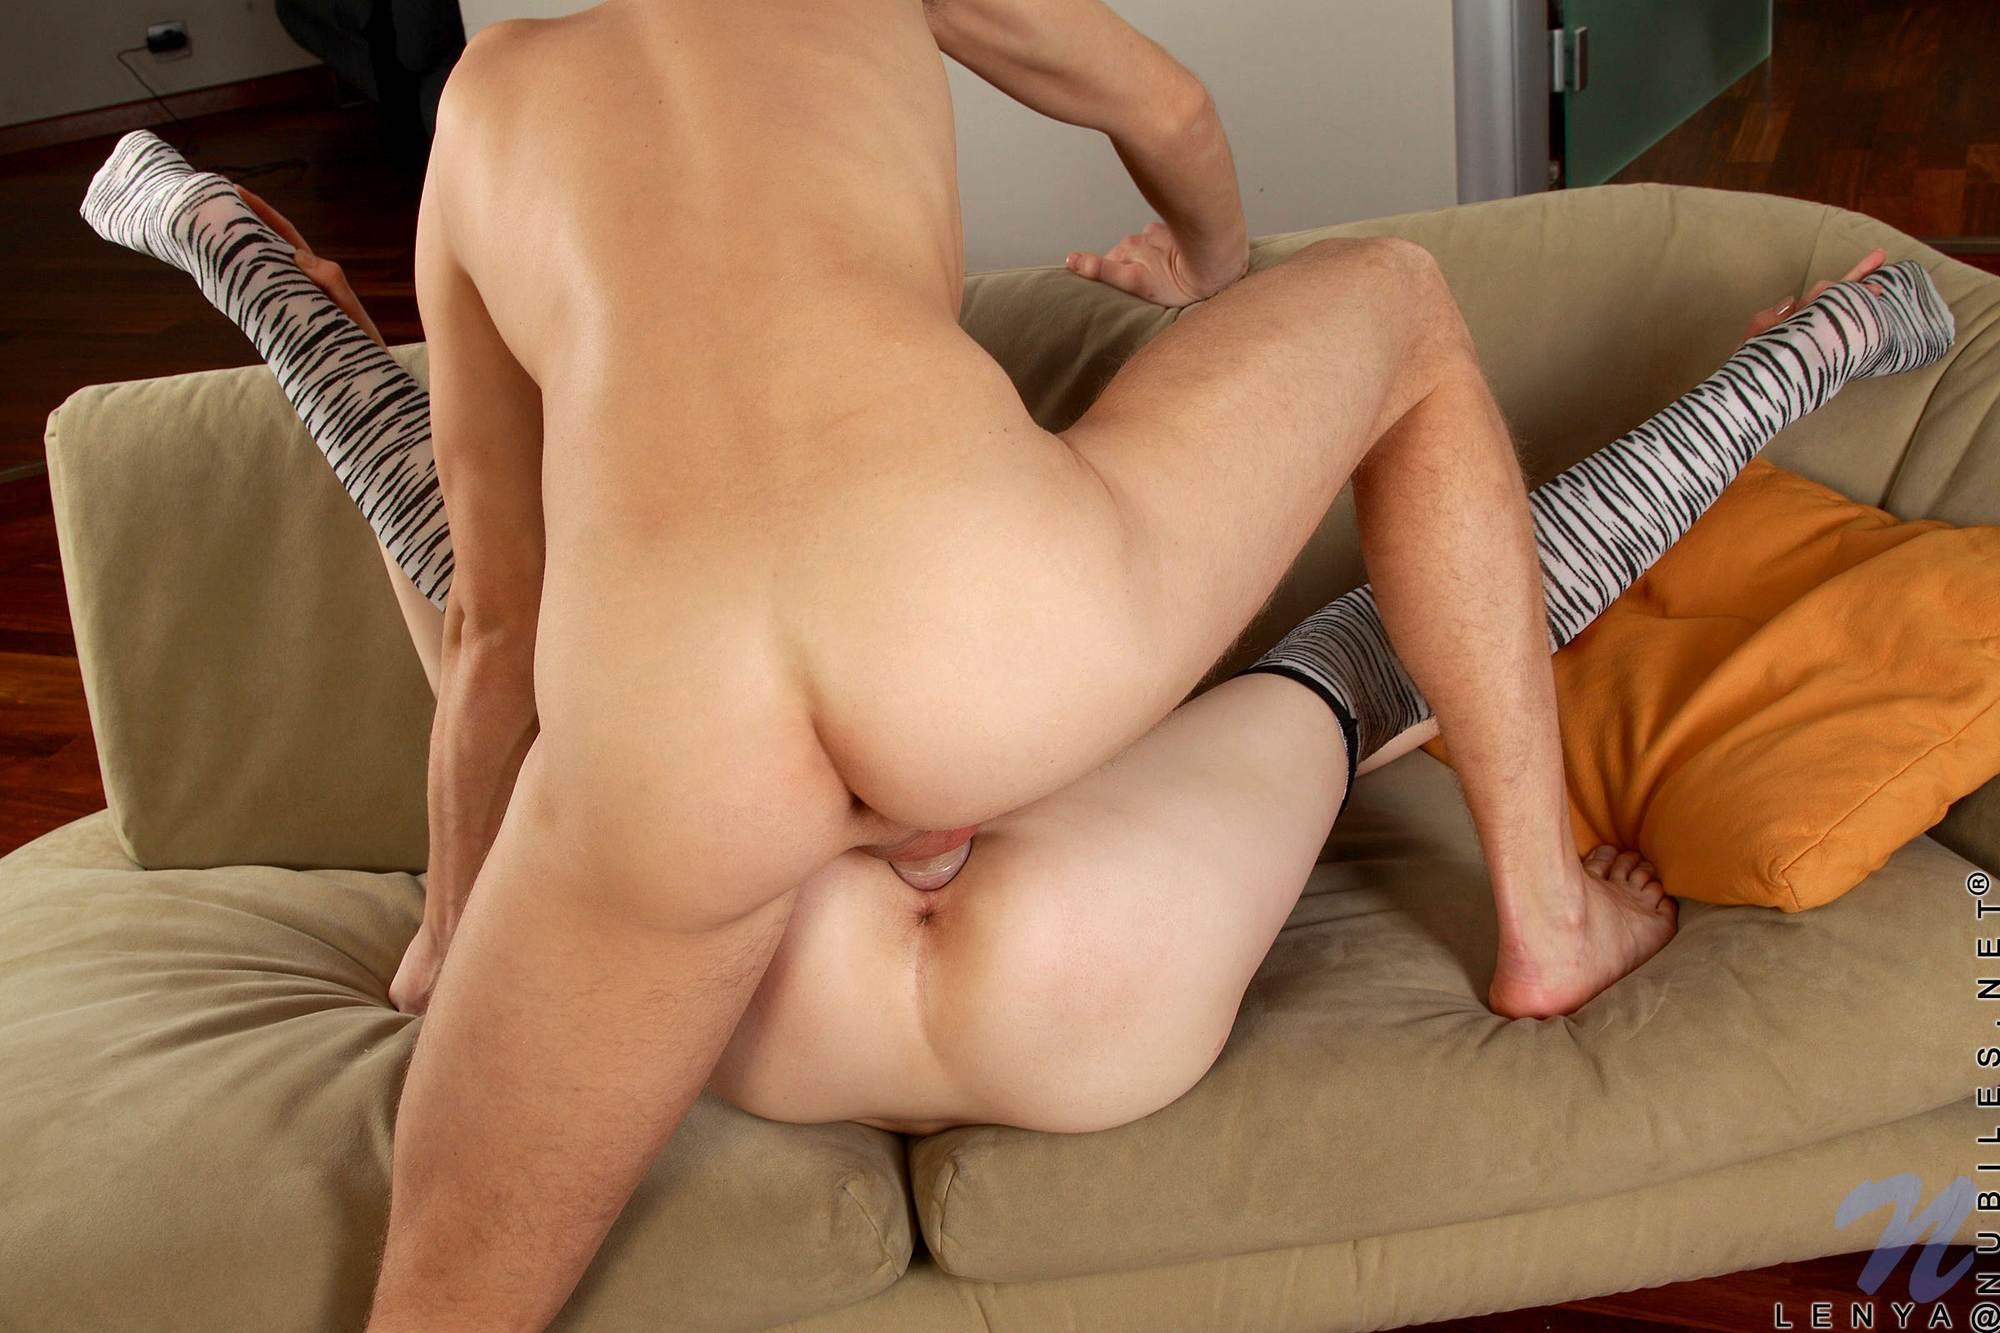 Lenya fotos sexys en el sofá, mamada y sexo duro